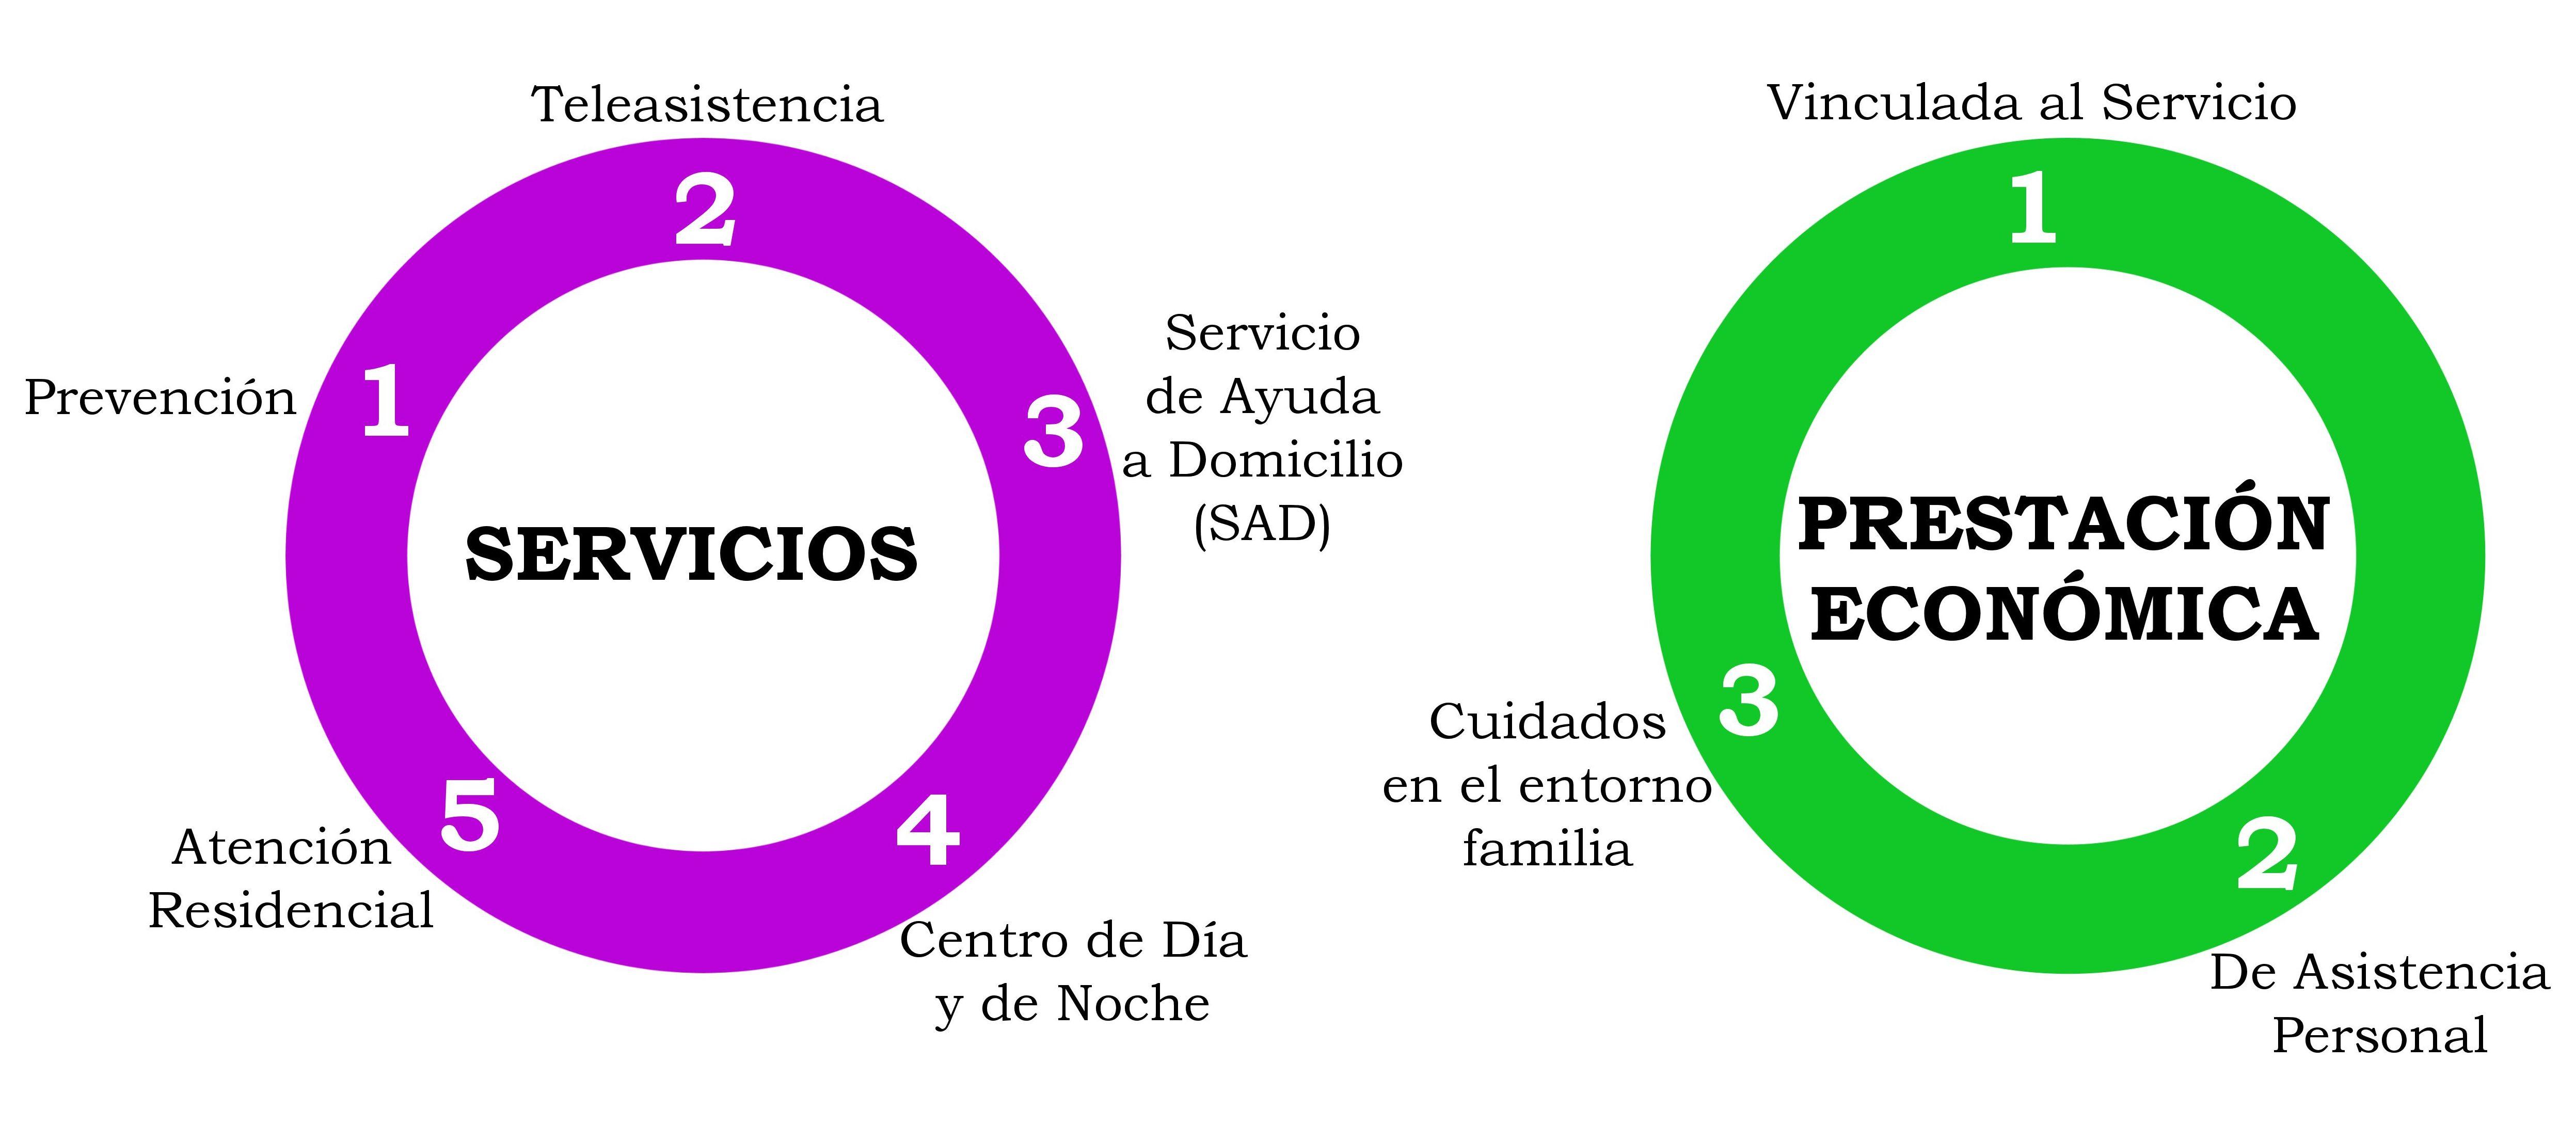 Catalogo De Servicios Y Prestaciones De La Ley De Dependencia